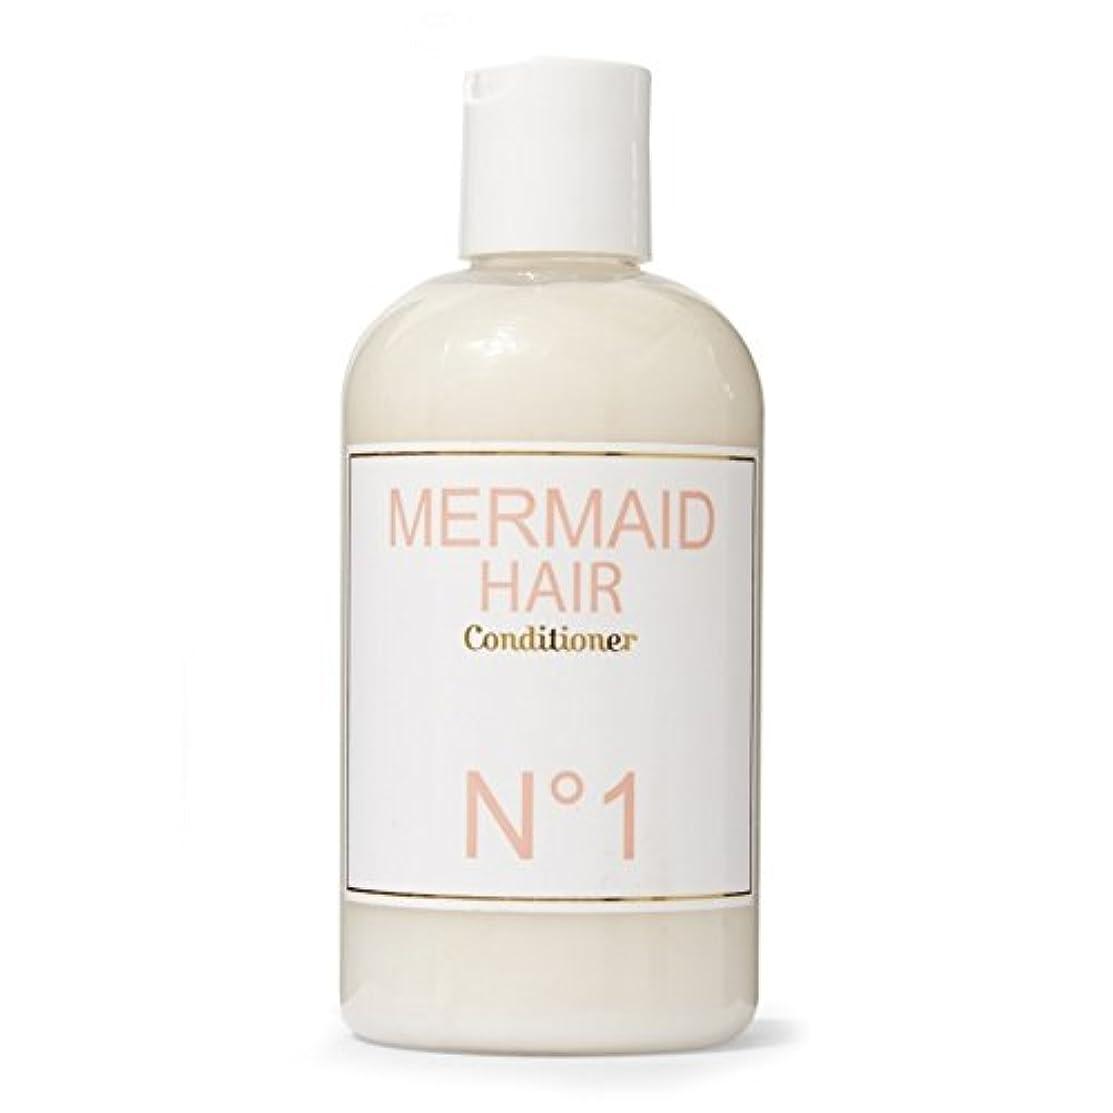 作り上げる最大化するすごい人魚香水人魚コンディショナー300ミリリットル x2 - Mermaid Perfume Mermaid Conditioner 300ml (Pack of 2) [並行輸入品]